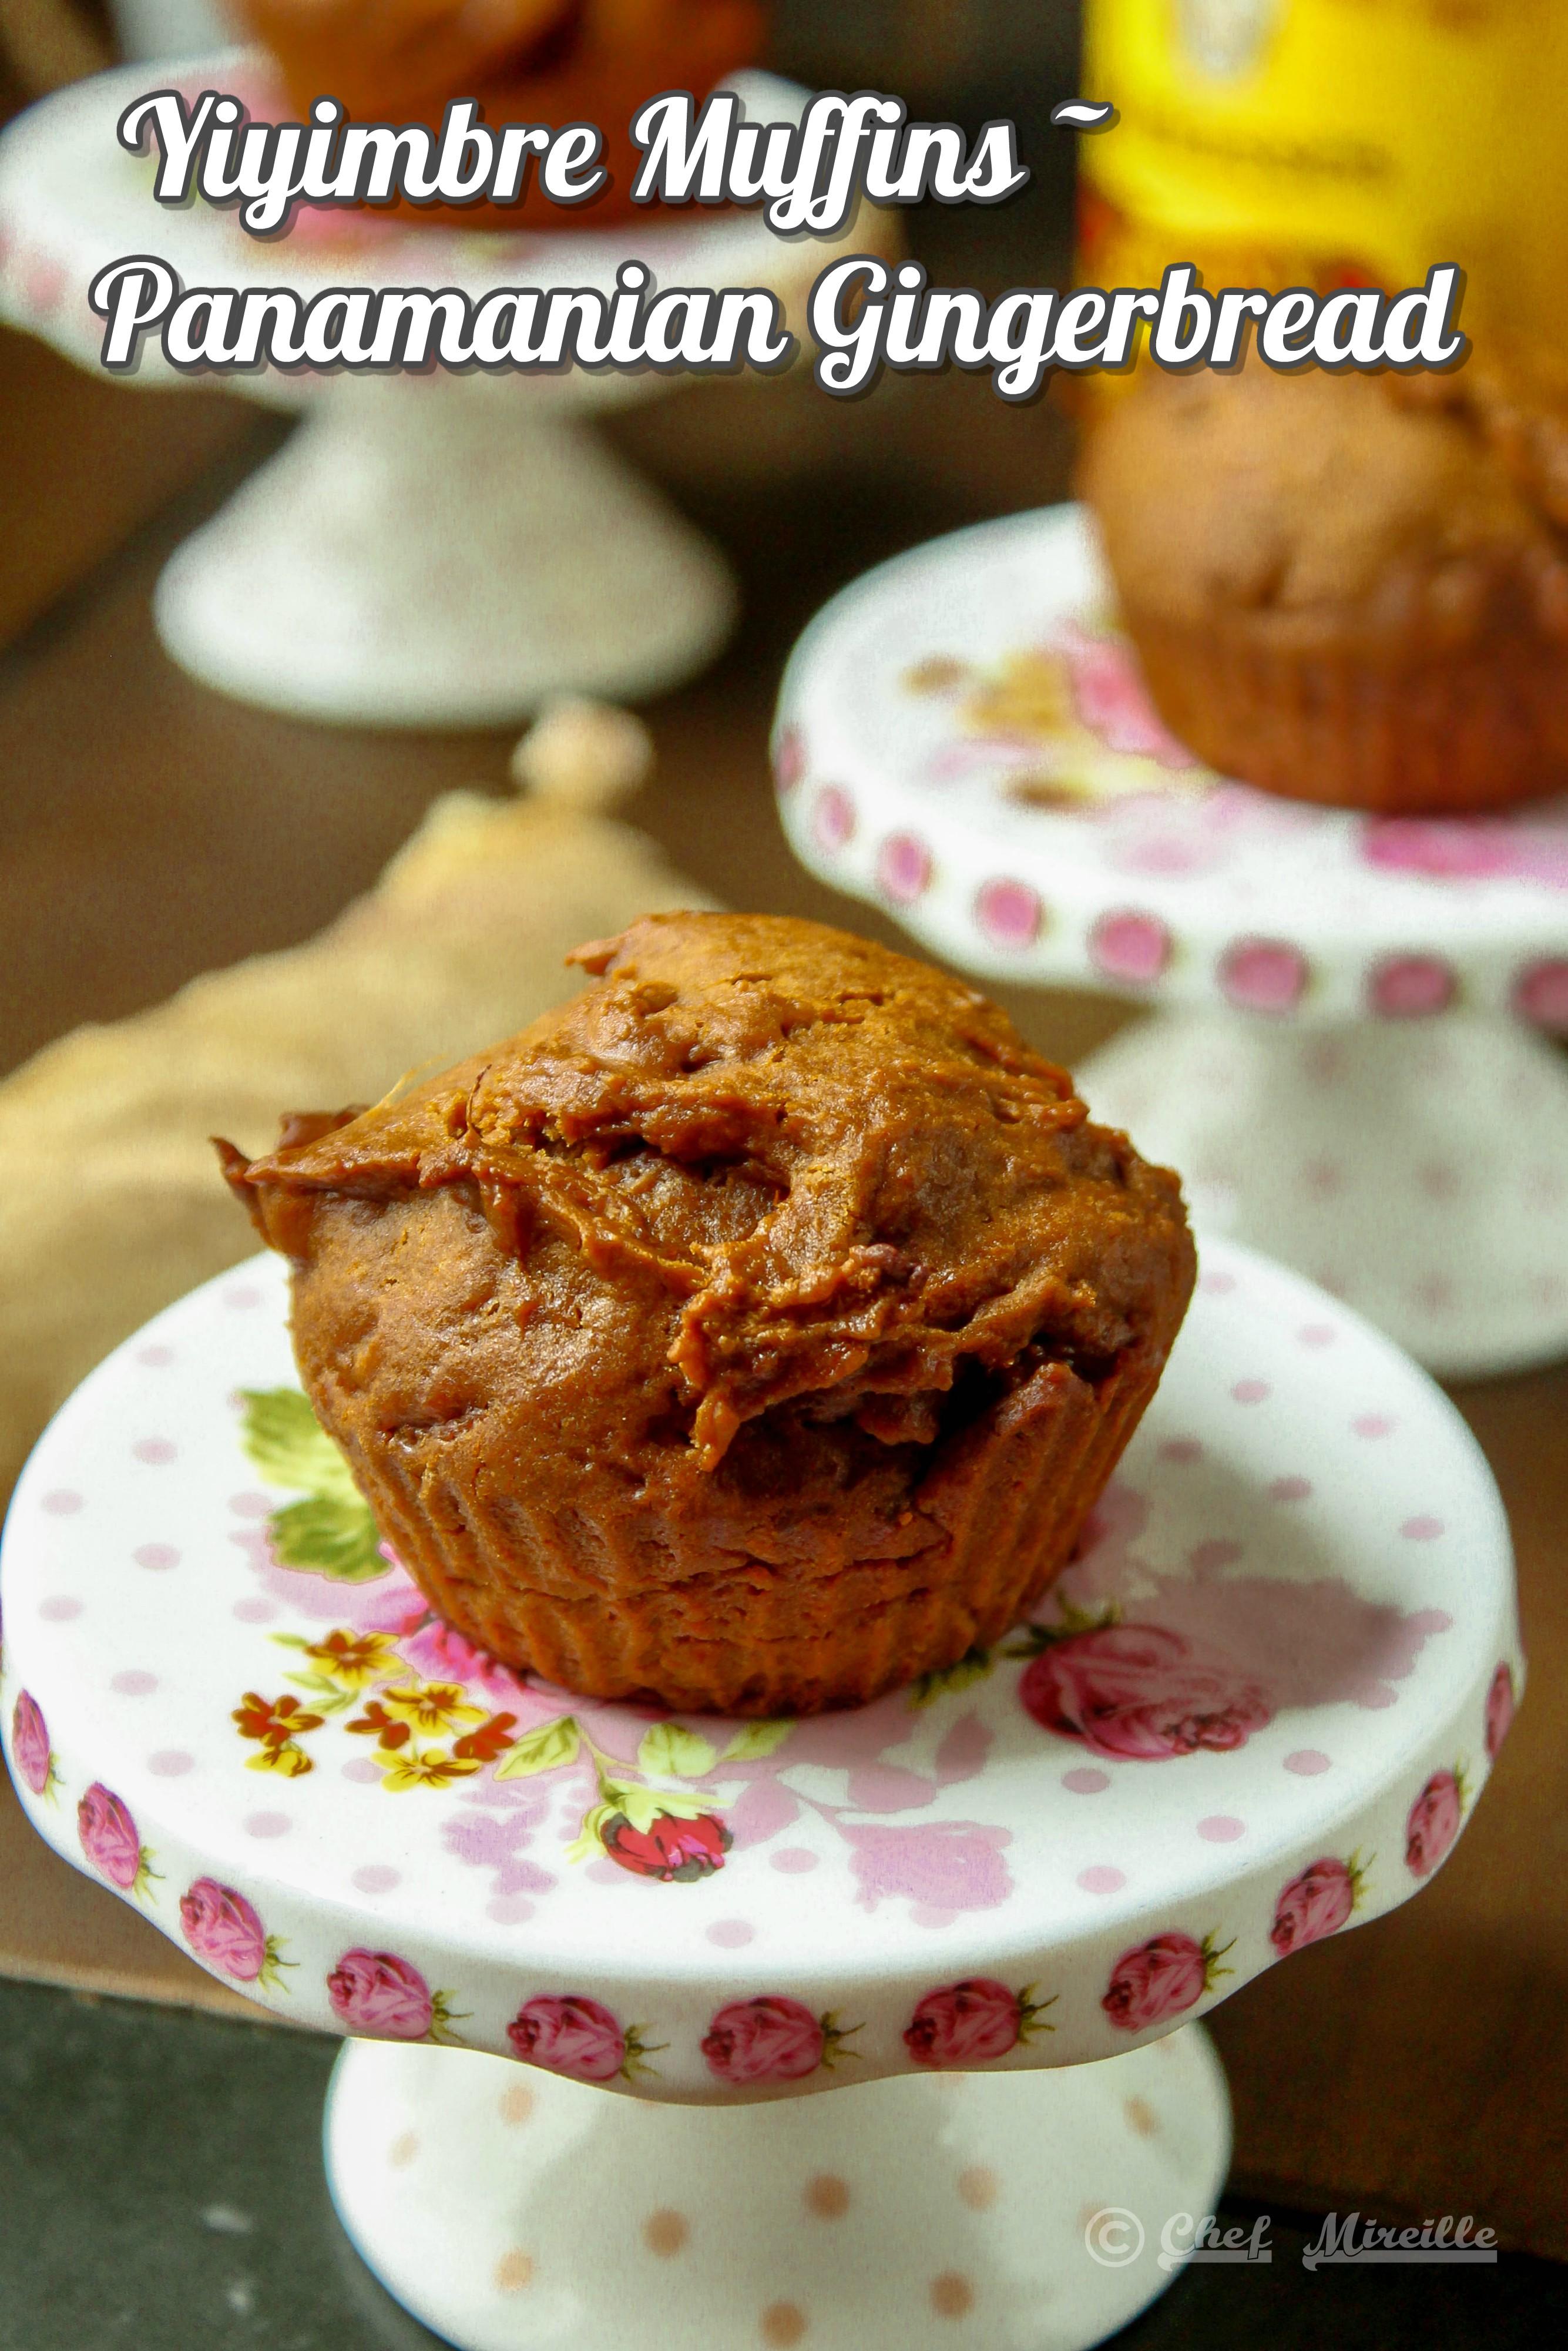 Yiyimbre Muffins, Panamanian Gingerbread